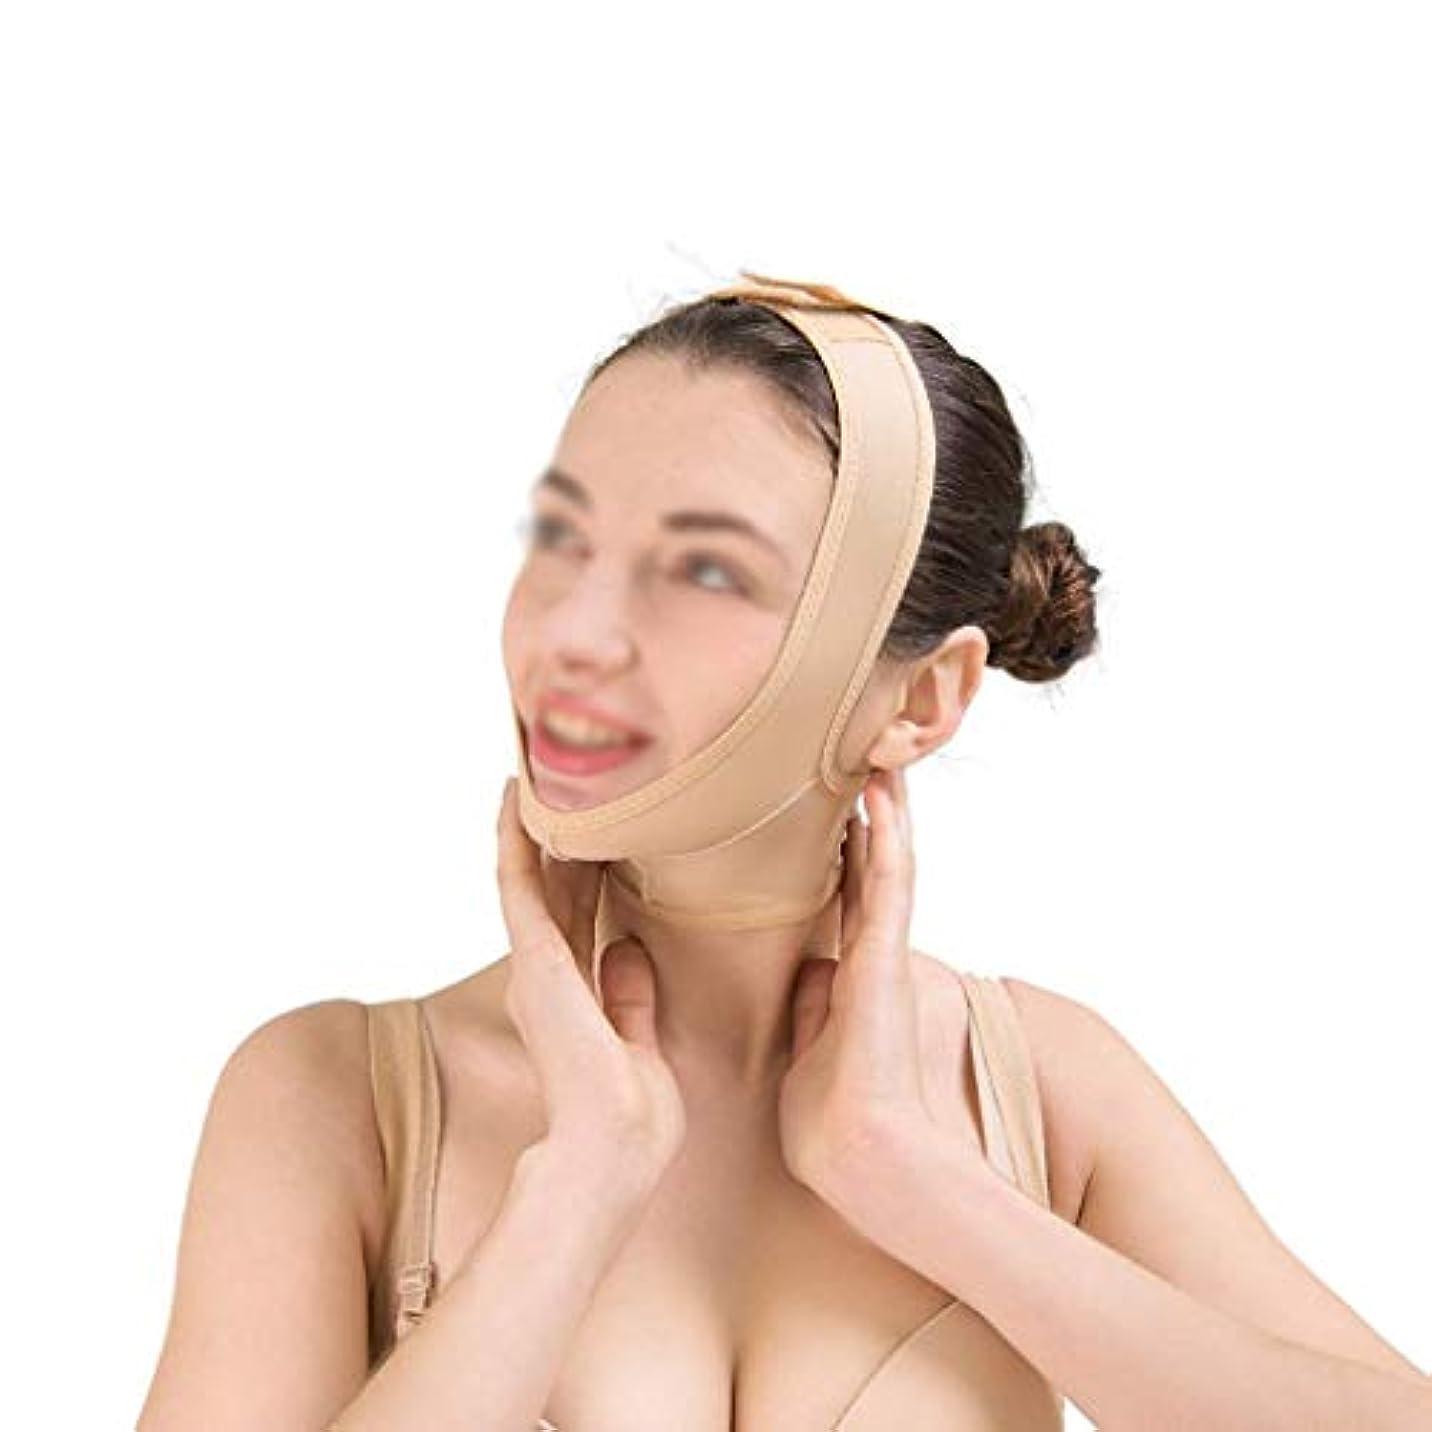 ダブルチンストラップ、包帯の持ち上げ、肌の包帯の持ち上げと引き締め フェイスマスク、快適で 顔の持ち上がるマスク(サイズ:S),XL